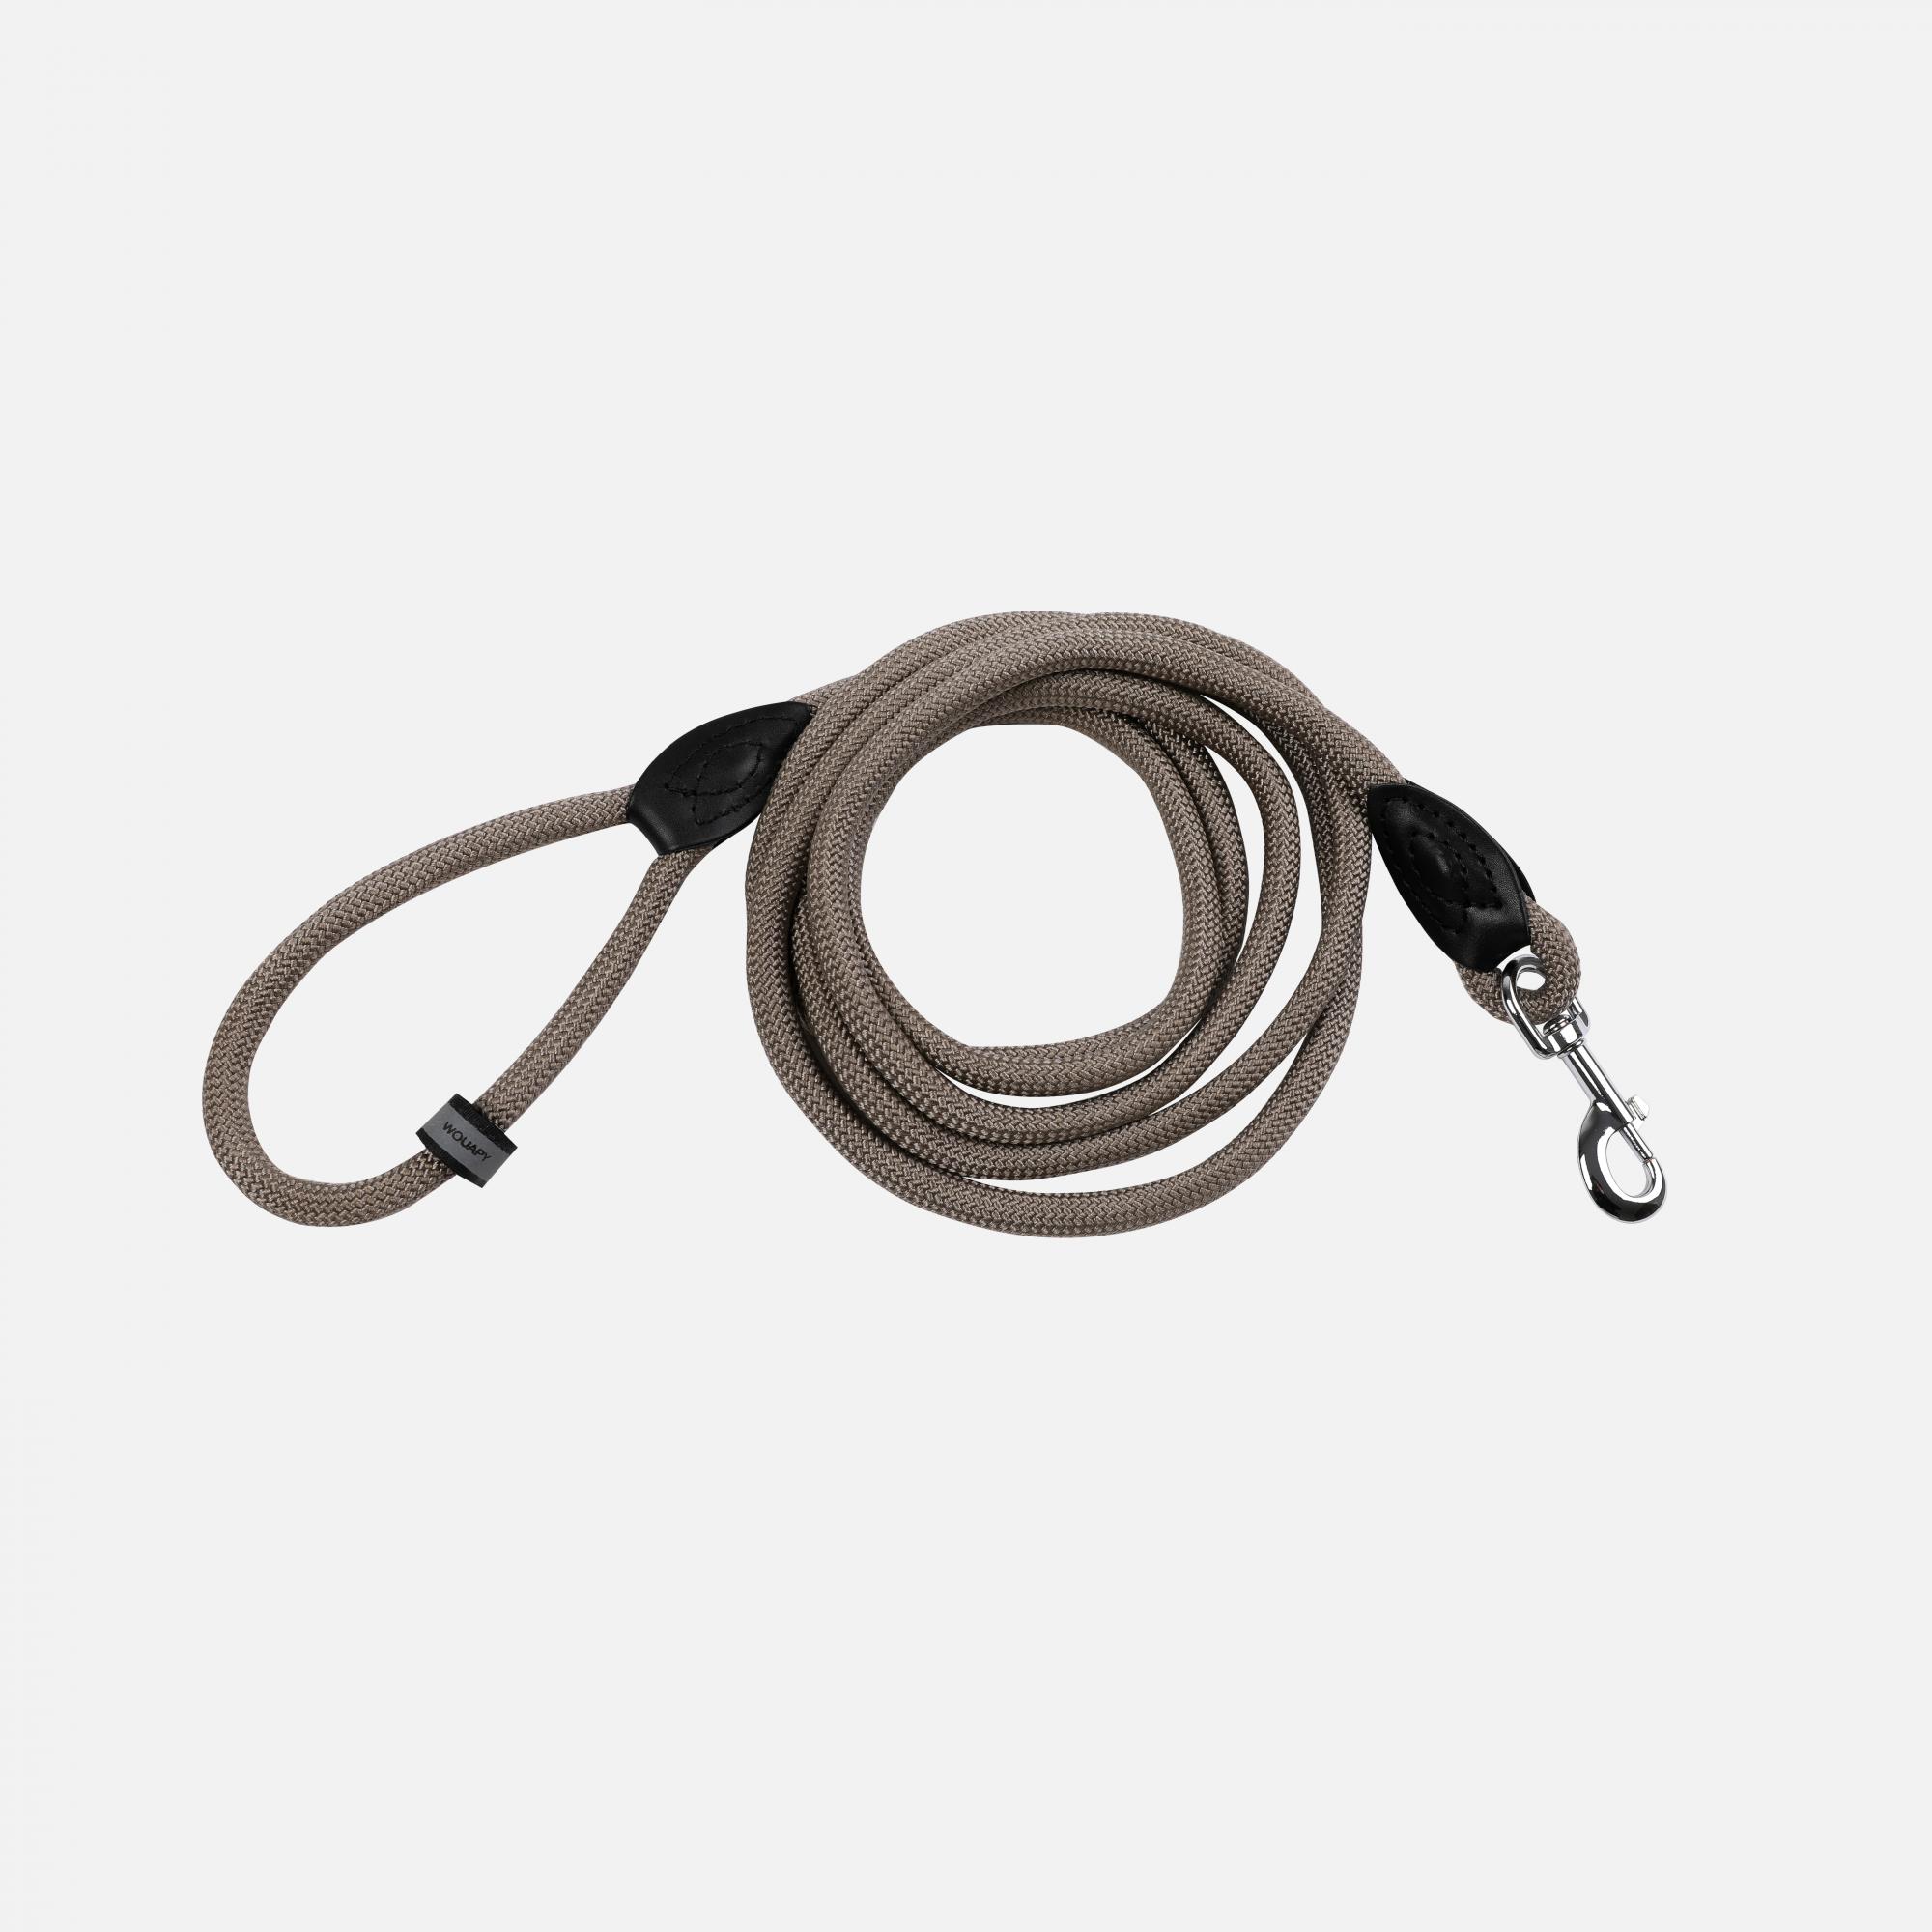 Longe corde forte 3 m Taupe par Wouapy